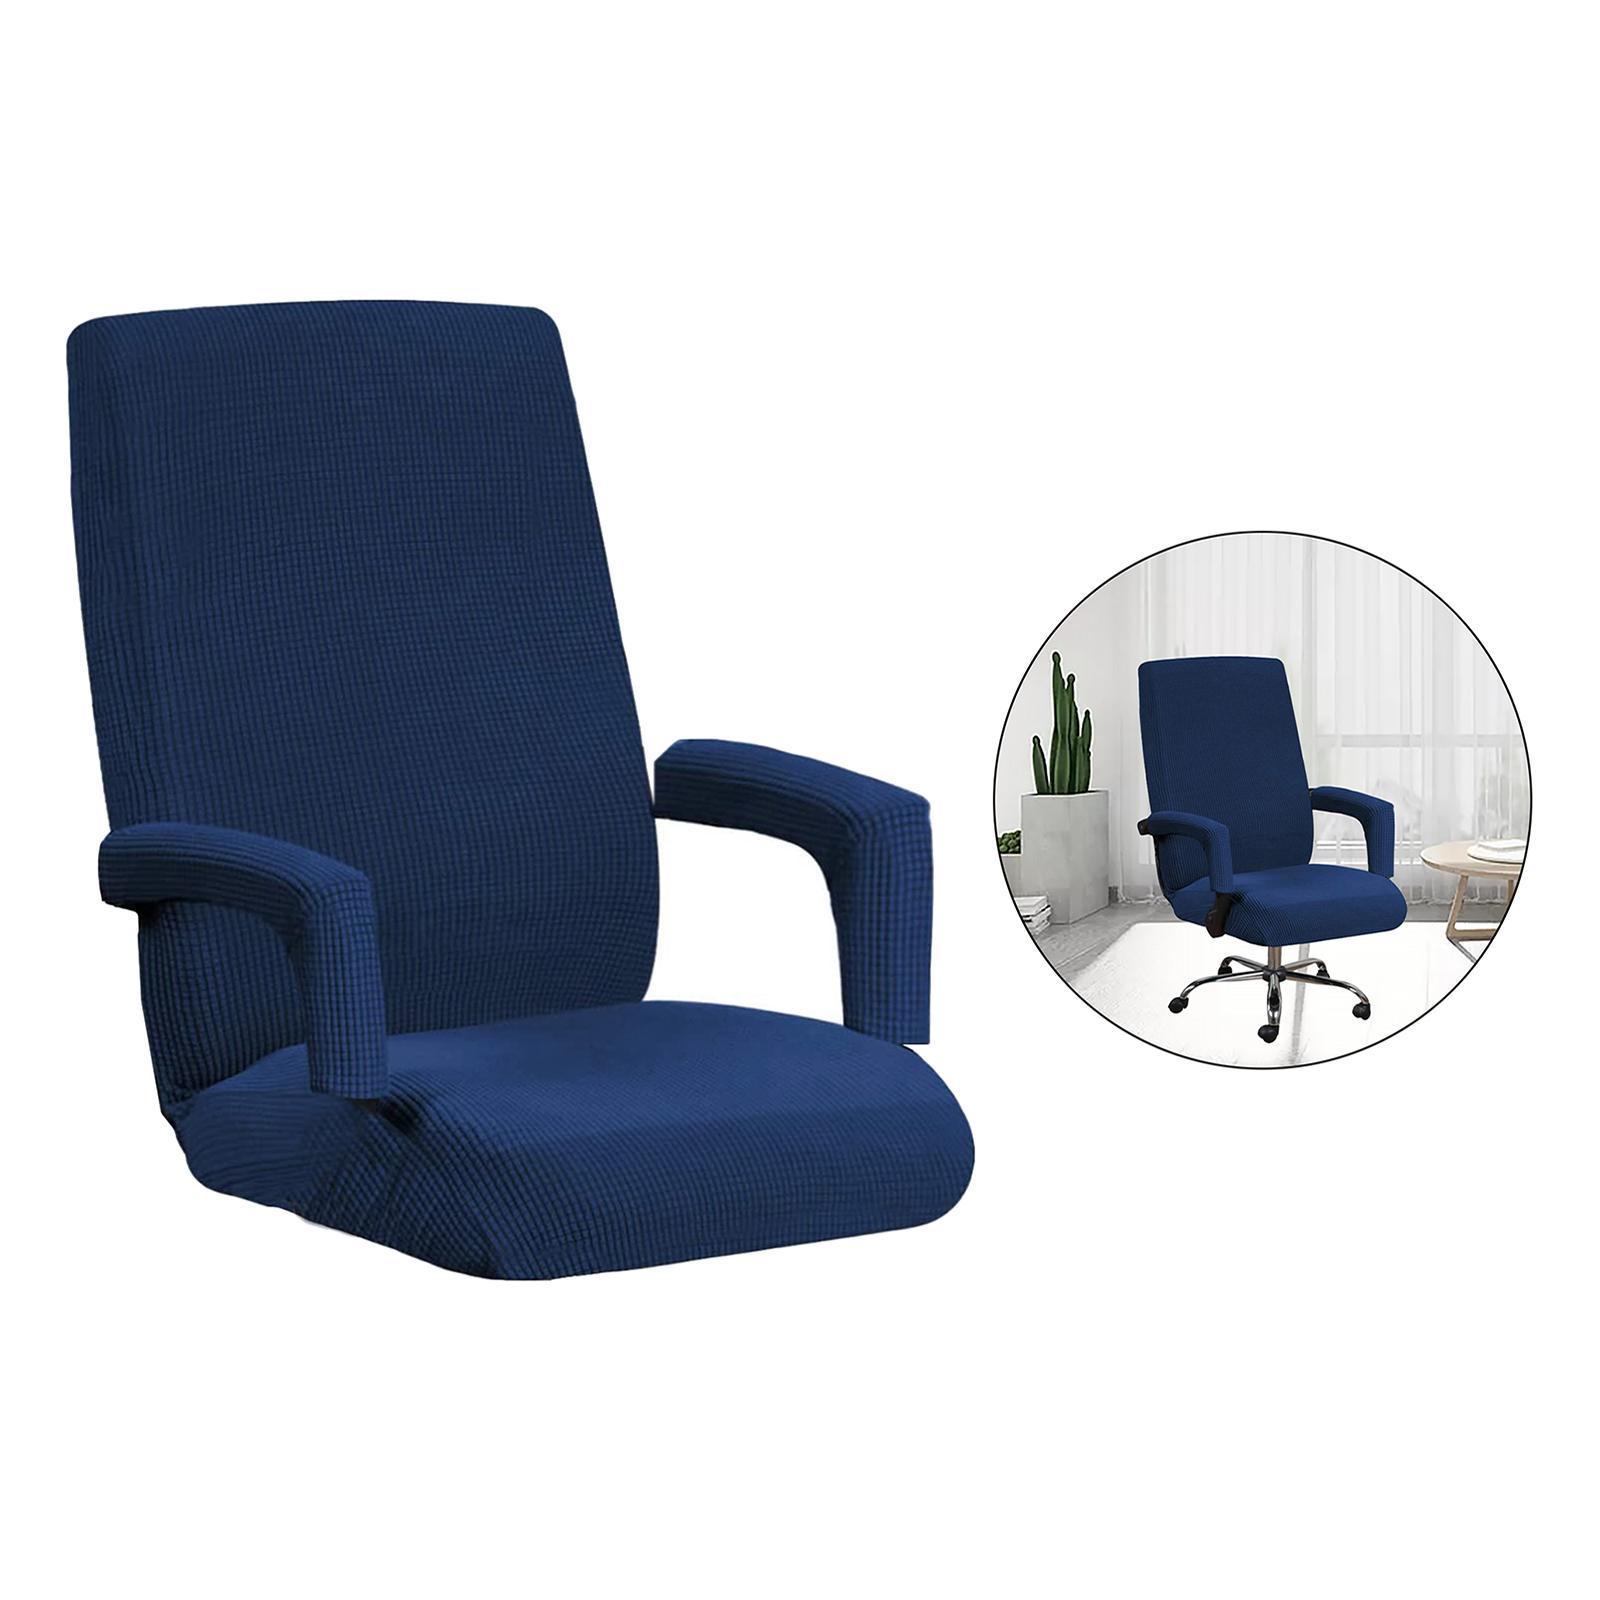 miniature 6 - Housses de chaise de bureau contemporaines à dossier haut et 2 housses de bras